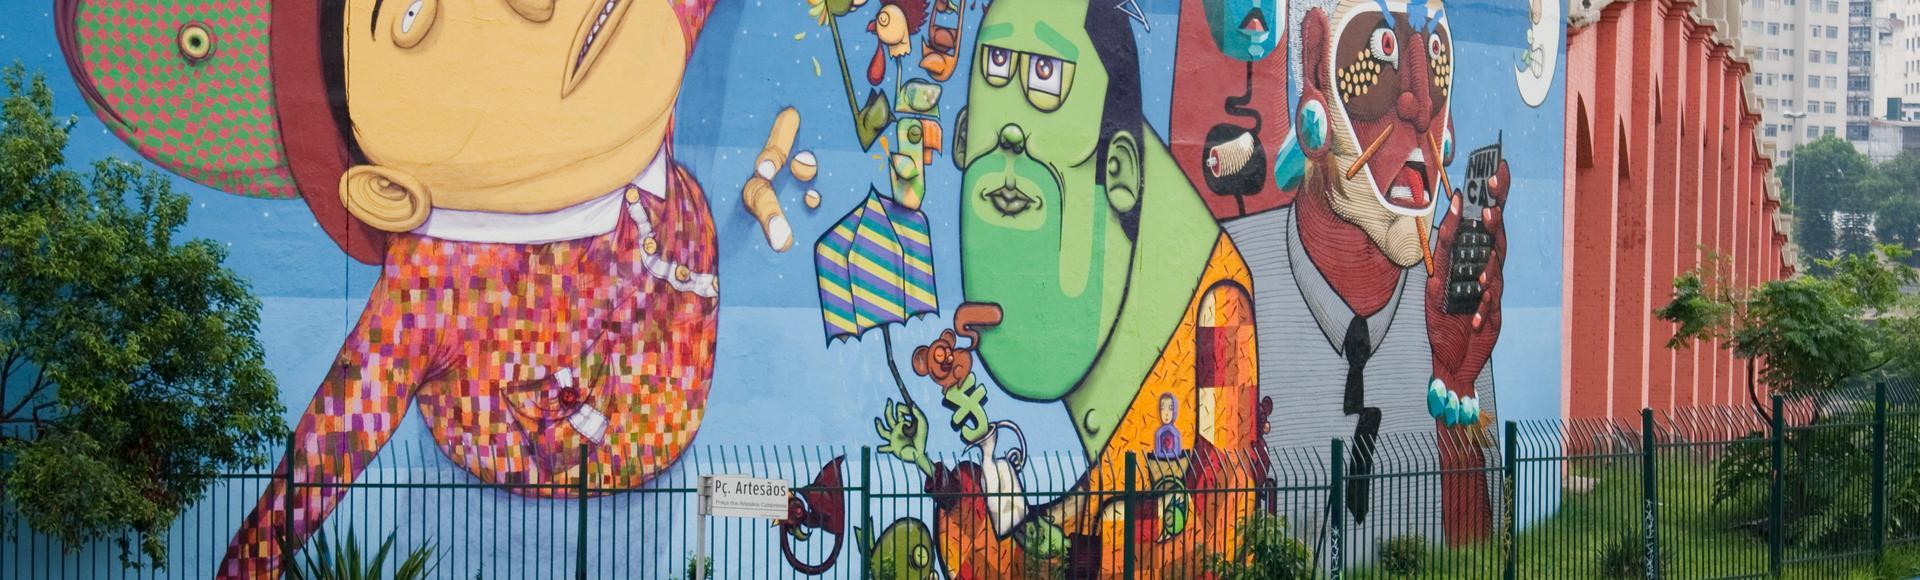 Mural dos grafiteiros Osgemeos, em São Paulo.